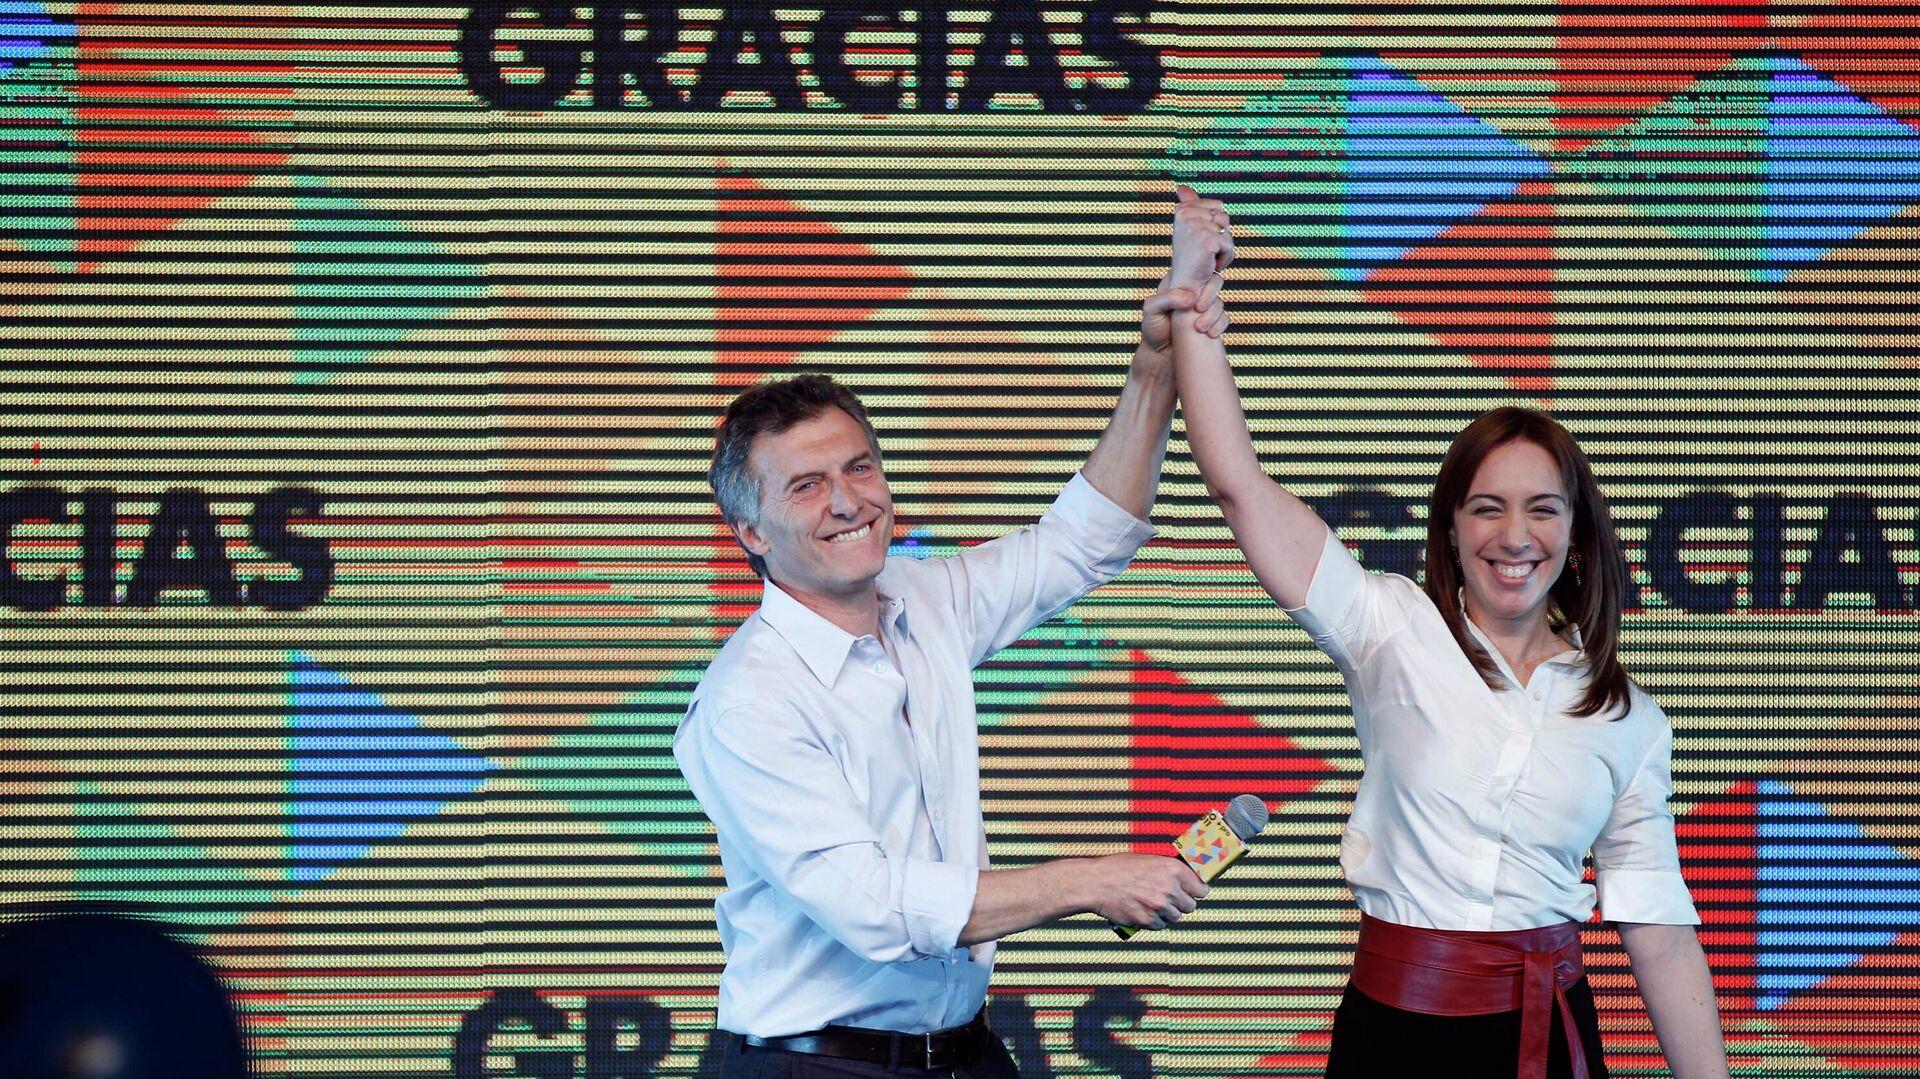 El expresidente argentino Mauricio Macri y la exgobernadora de la provincia de Buenos Aires María Eugenia Vidal celebrando su triunfo electoral en 2015 - Sputnik Mundo, 1920, 12.04.2021